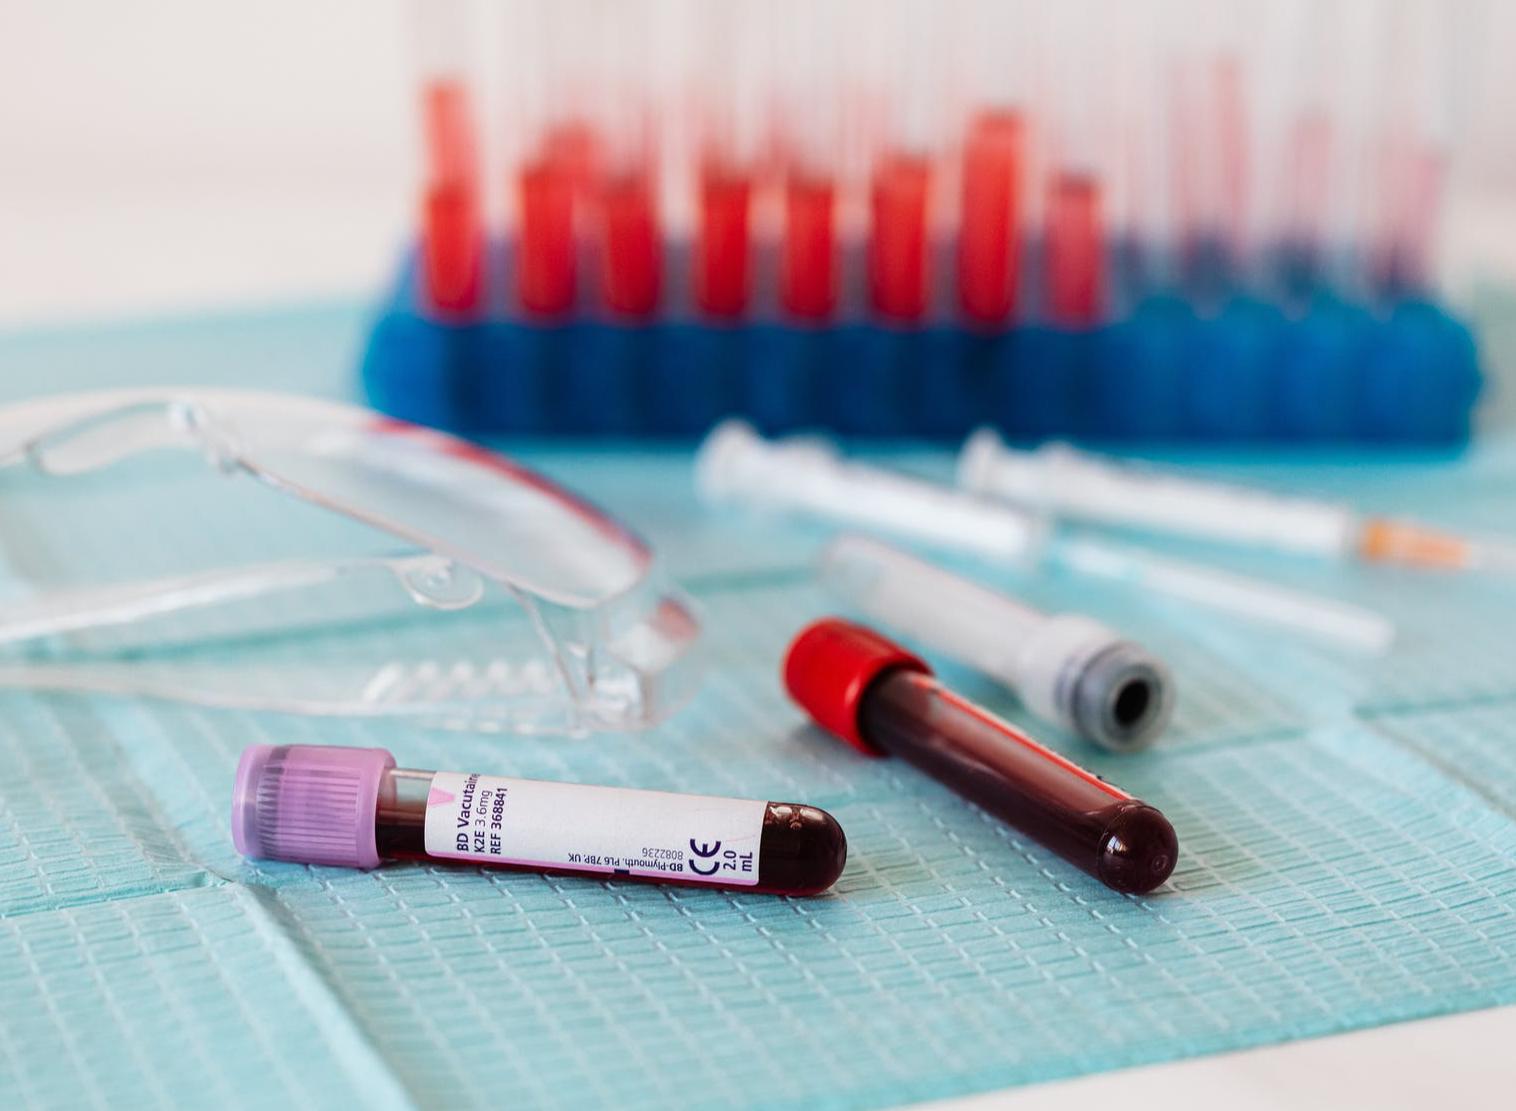 Herz-Kreislauf-Erkrankungen: Wie liest man seine Bluttests richtig?